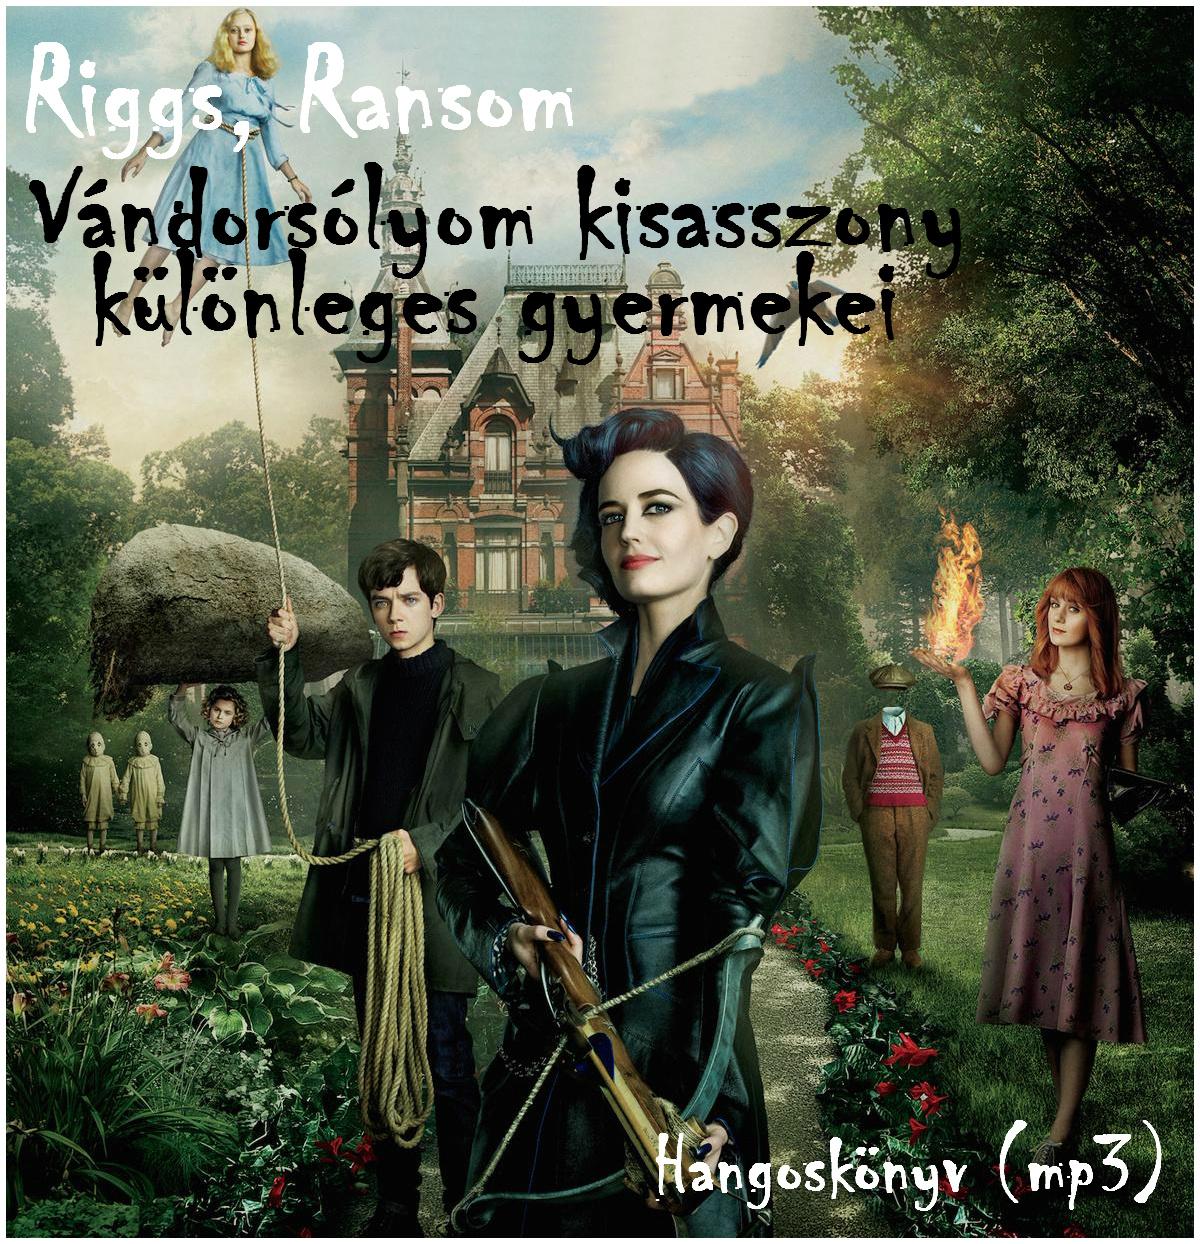 Riggs, Ransom: Vándorsólyom kisasszony különleges gyermekei - Hangoskönyv (mp3)